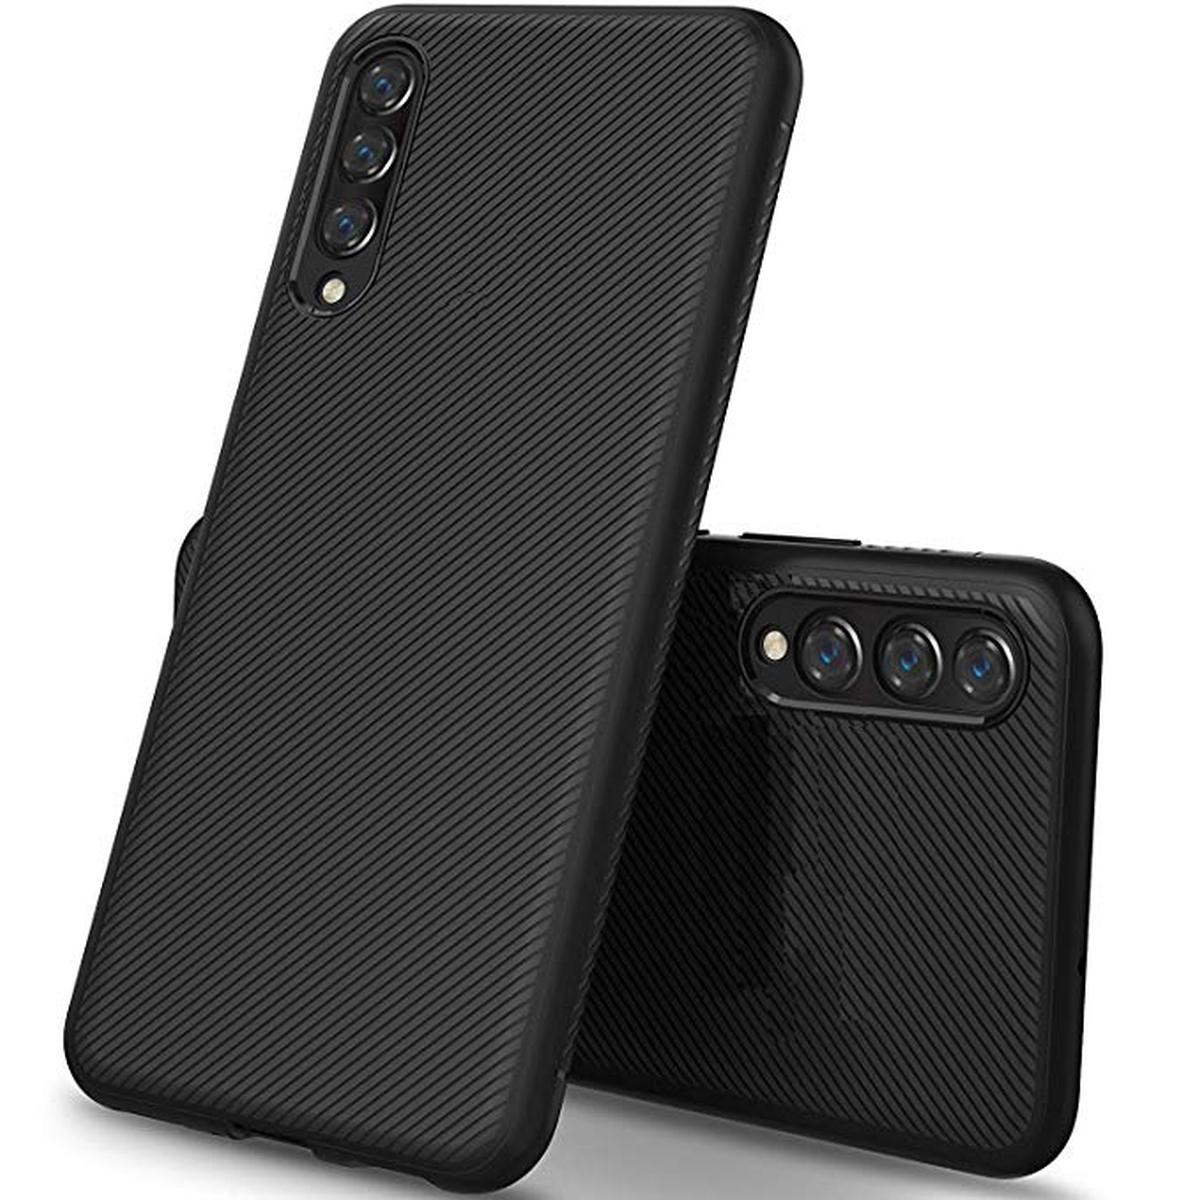 Samsung-Galaxy-A7-rugged-case